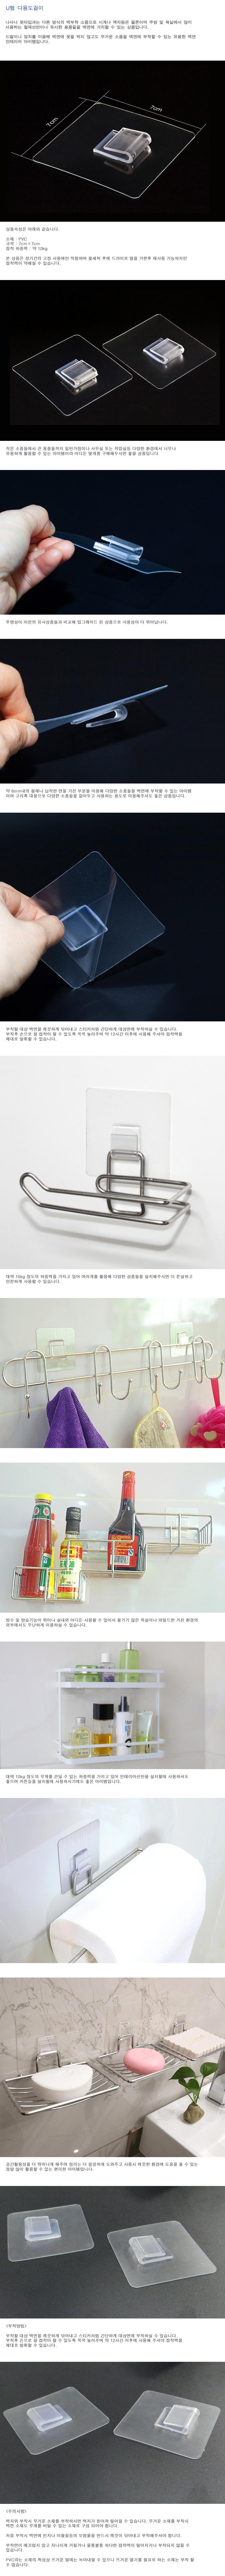 U타입 벽에붙이는고리 다용도걸이 - 펀데이, 450원, 생활잡화, 후크